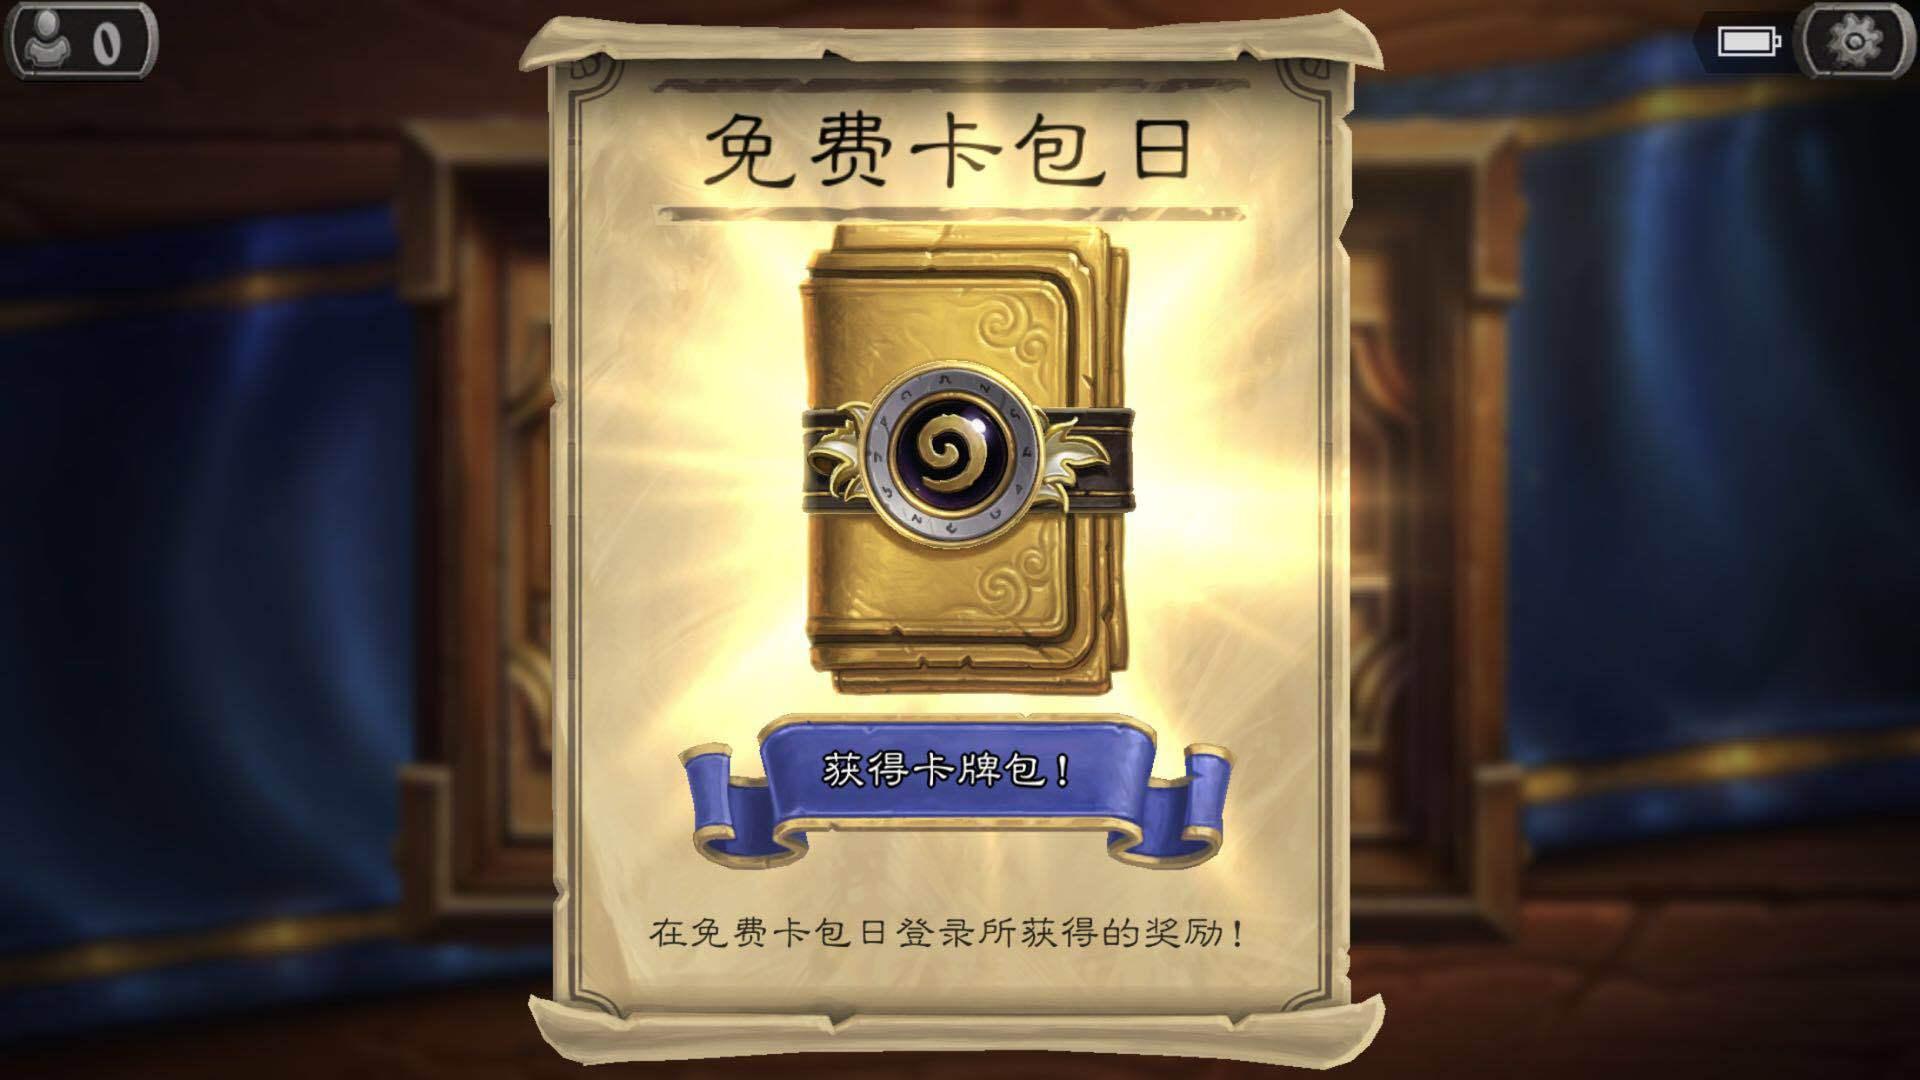 仅限6月13日!《炉石传说》登录免费送黄金卡包